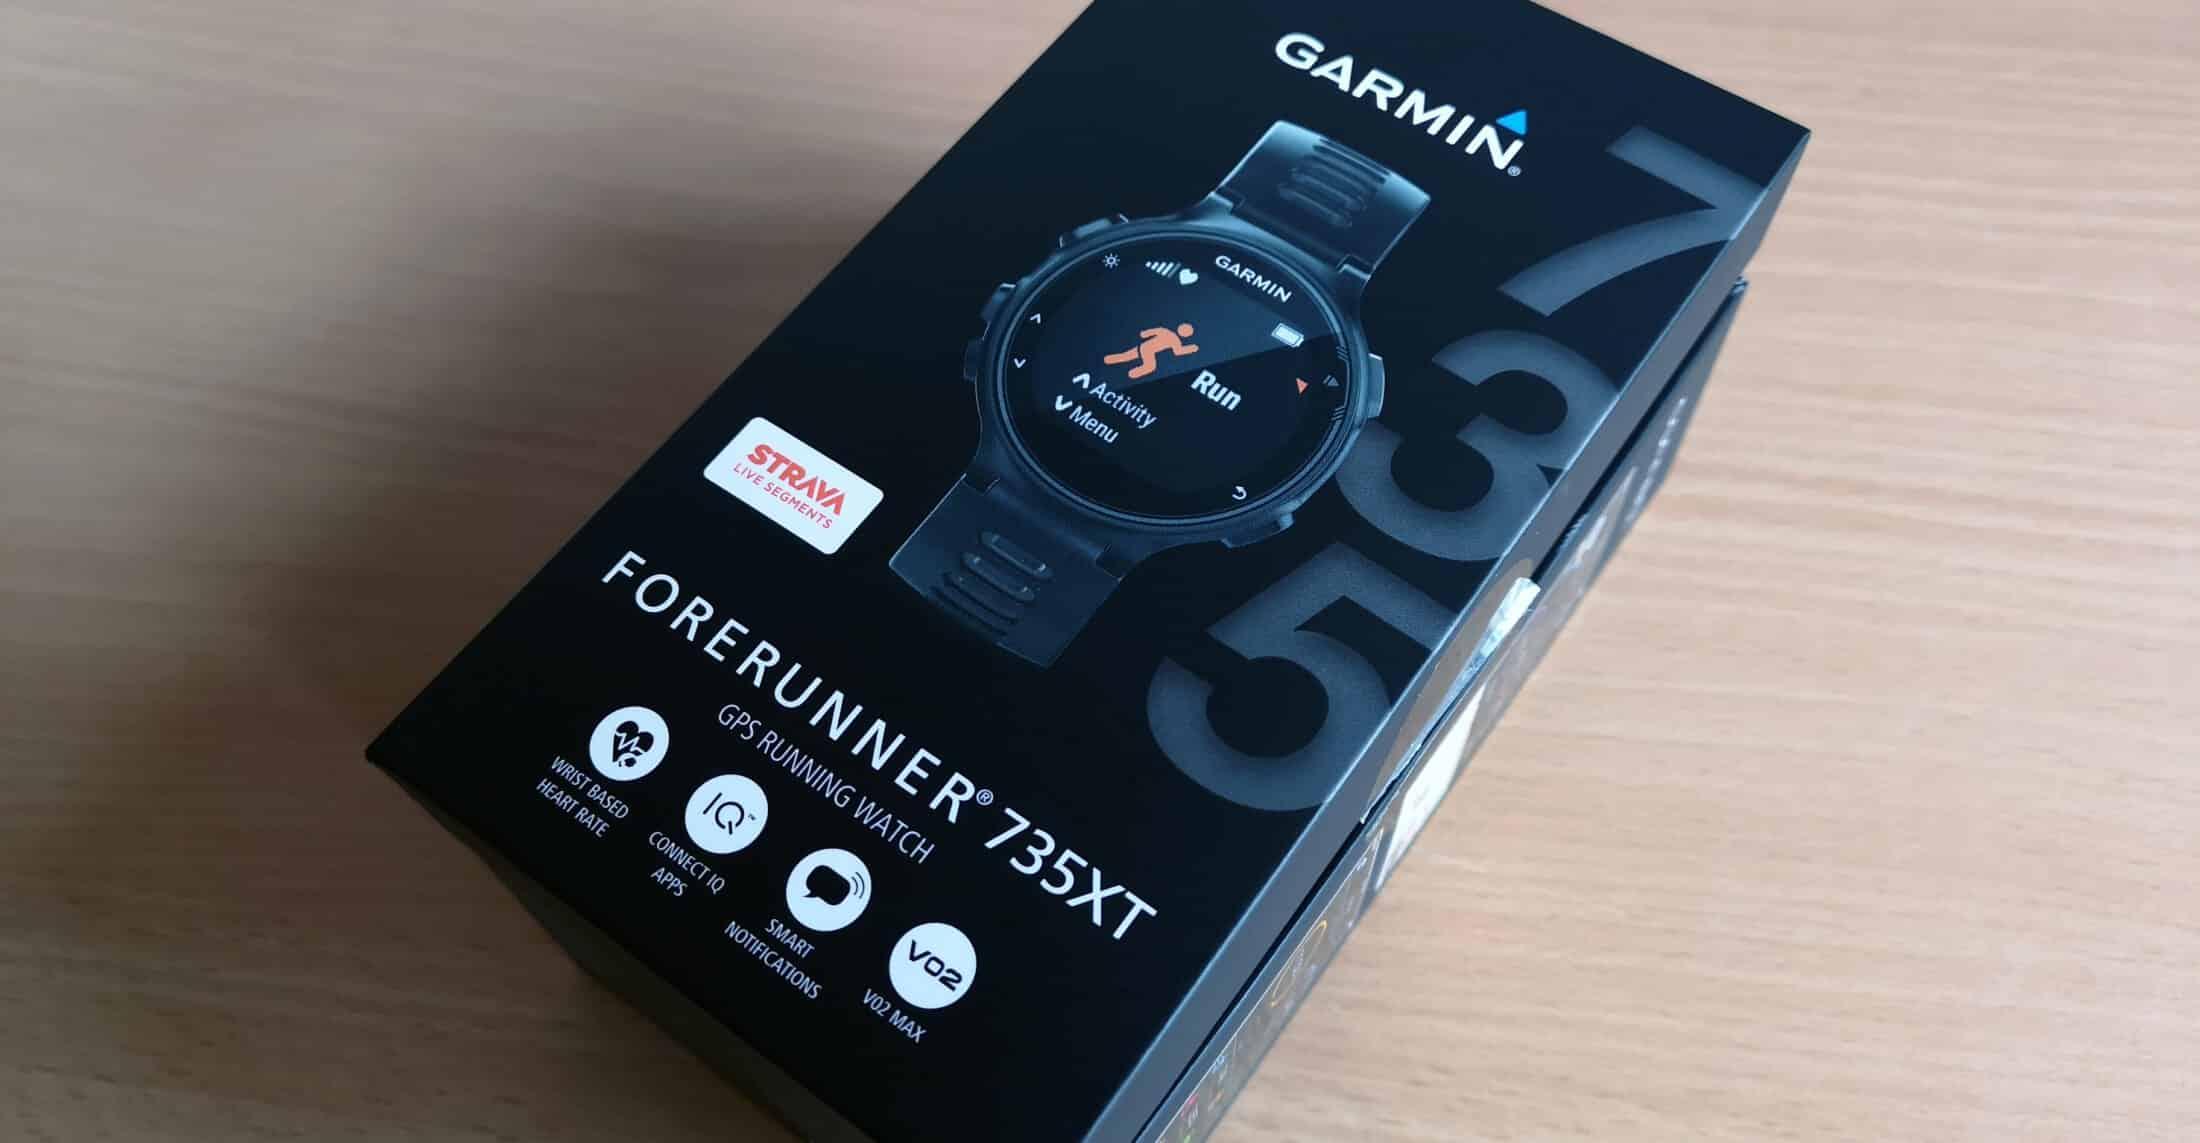 Garmin Forerunner 735XT - Header